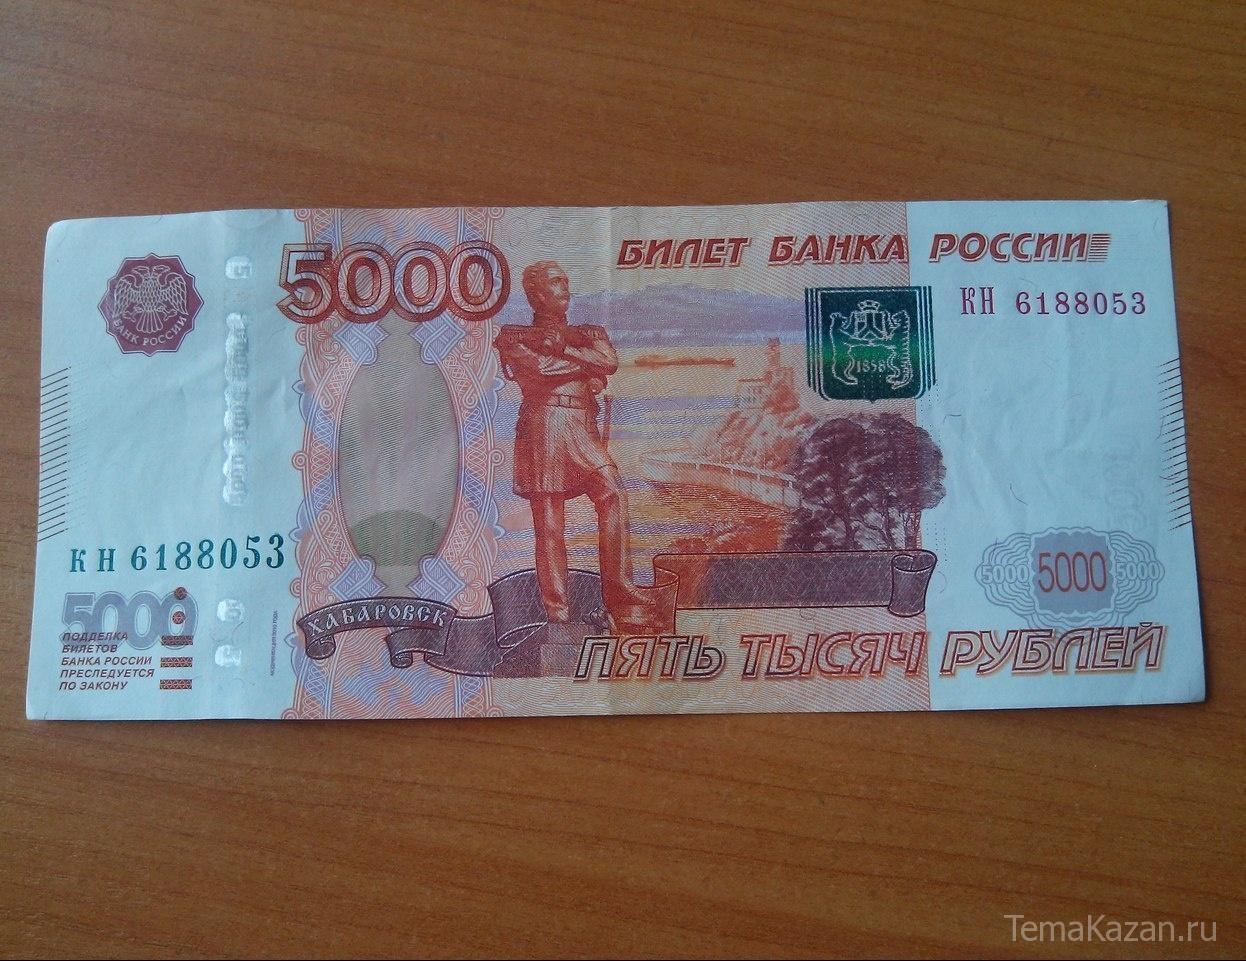 Волжские пожилые люди получат 5 000 руб. без задержек